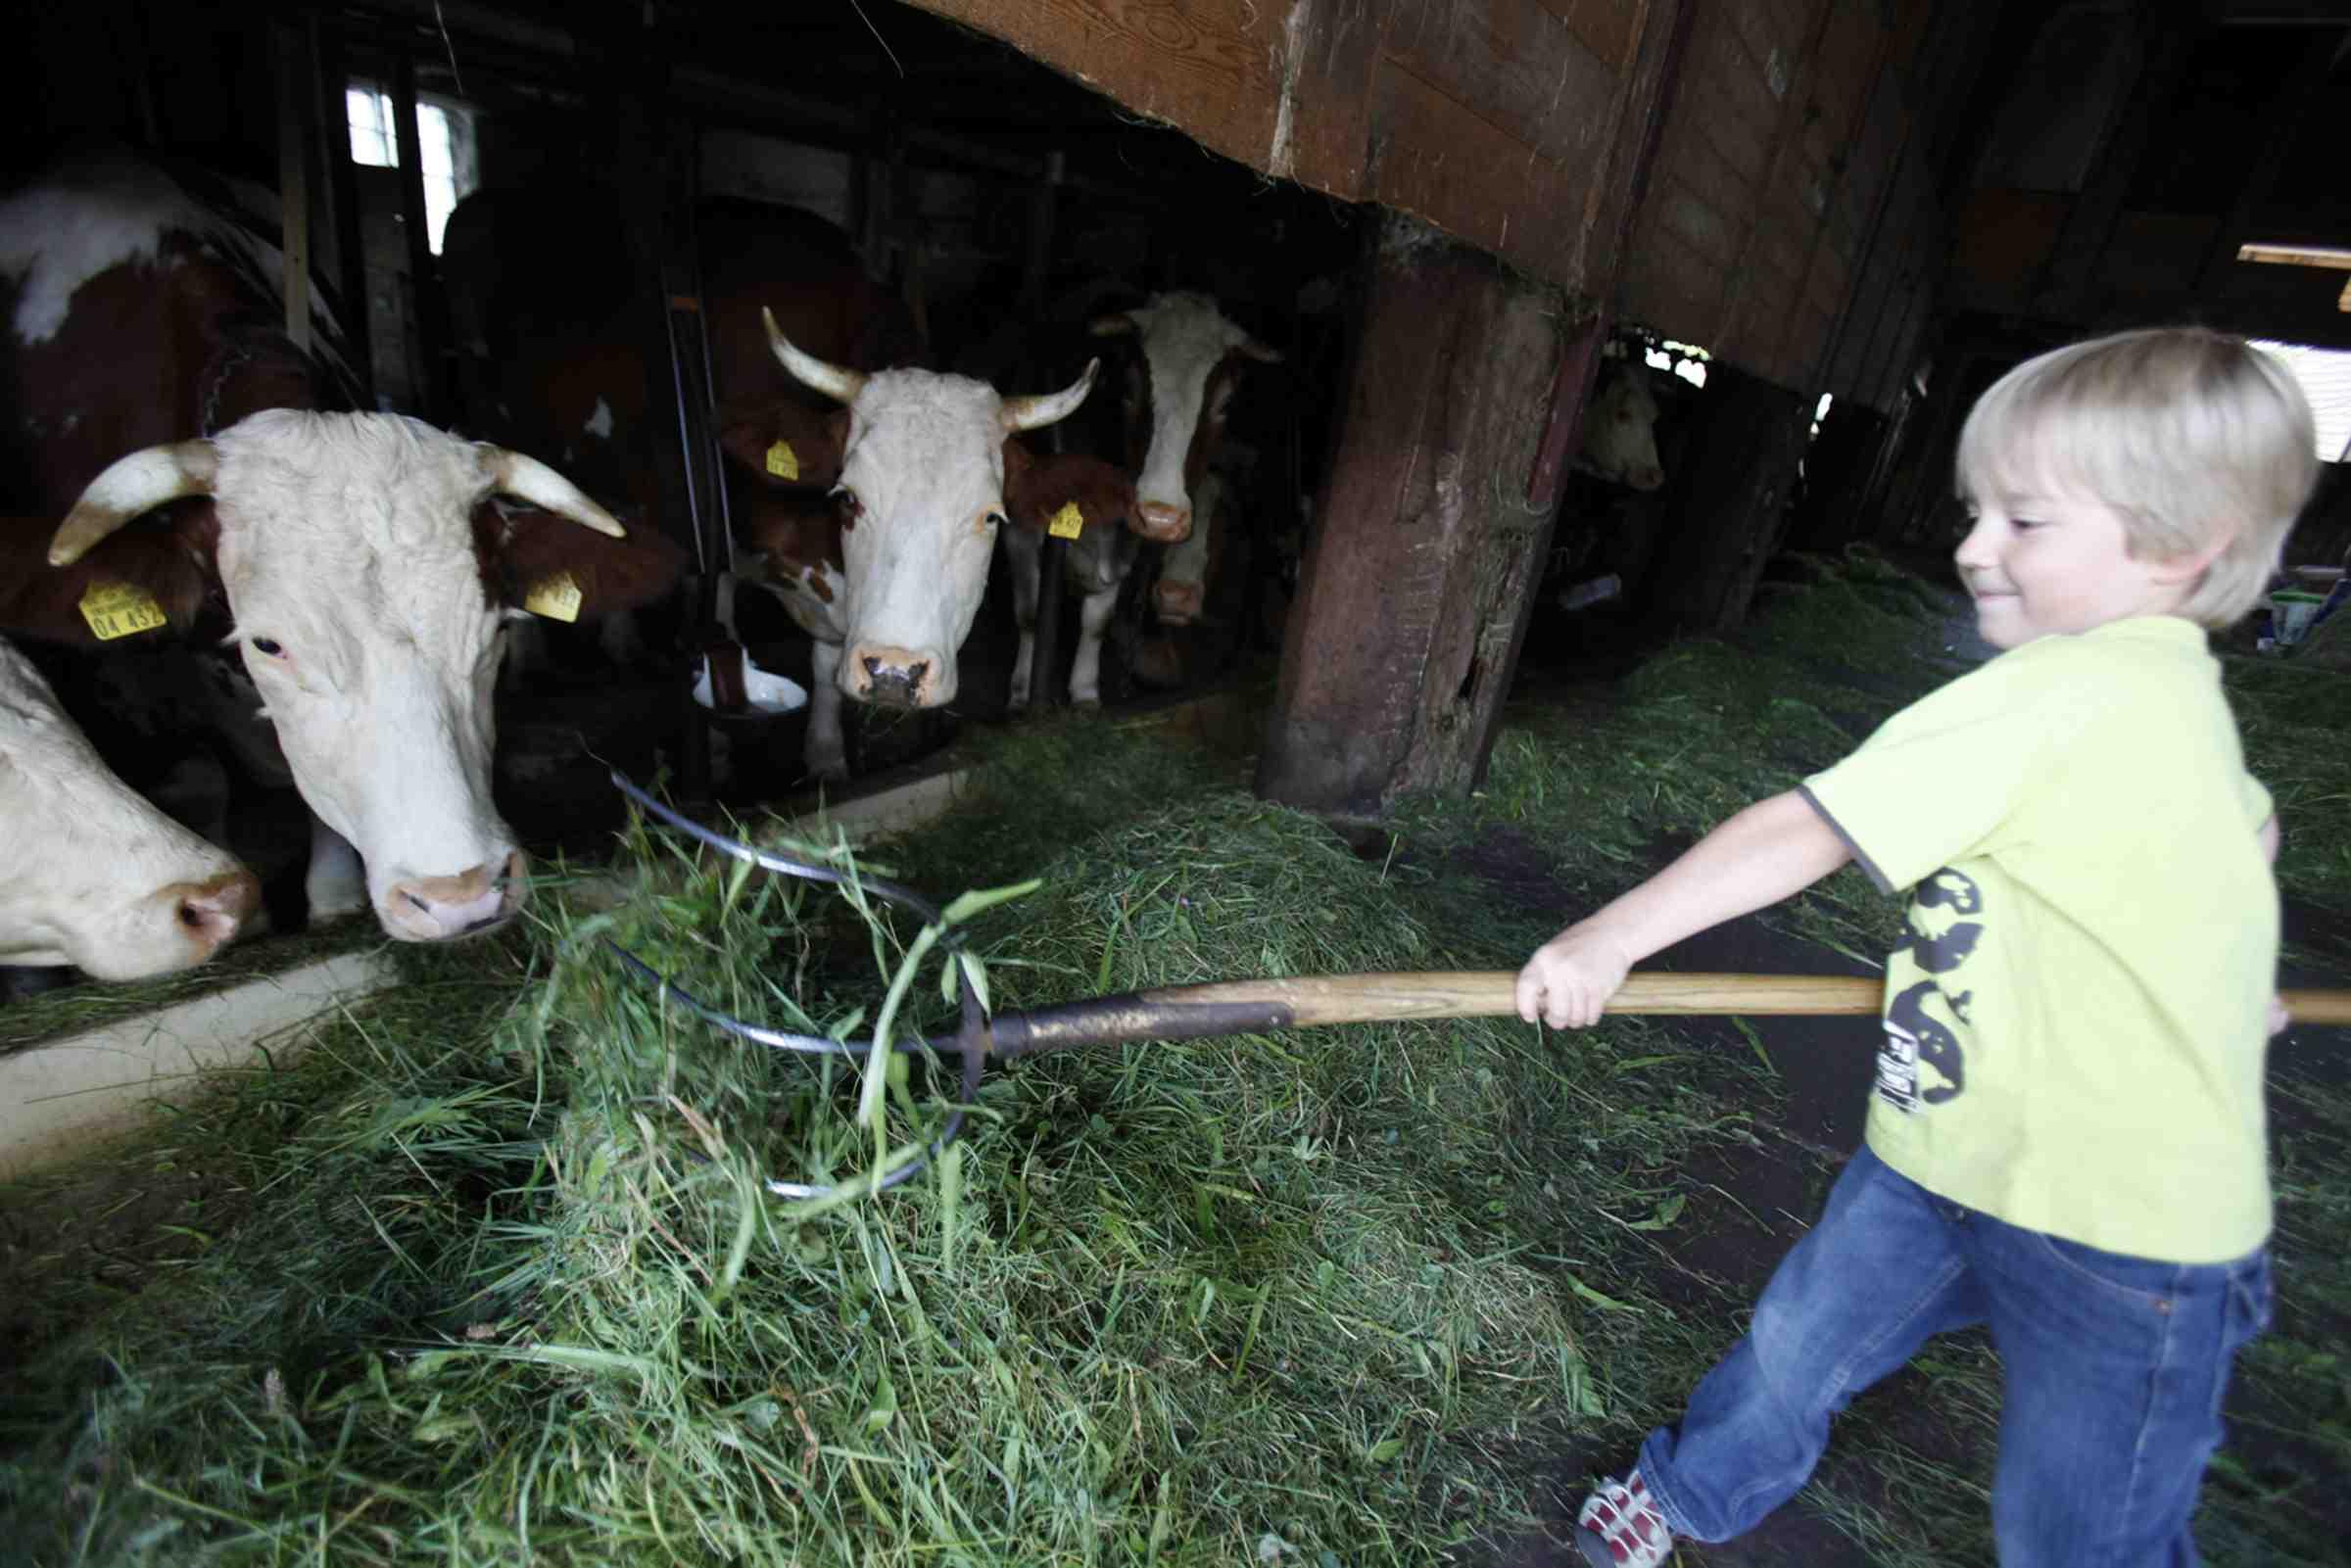 In Baiersbronn gibt es für Outdoor Kinder genügend Möglichkeiten einen Bauernhof zu erkunden. Dann wissen die Kleinen, dass die Milch nicht aus dem Supermarkt kommt, sondern von der Kuh.... Copyright: Baiersbronn Touristik